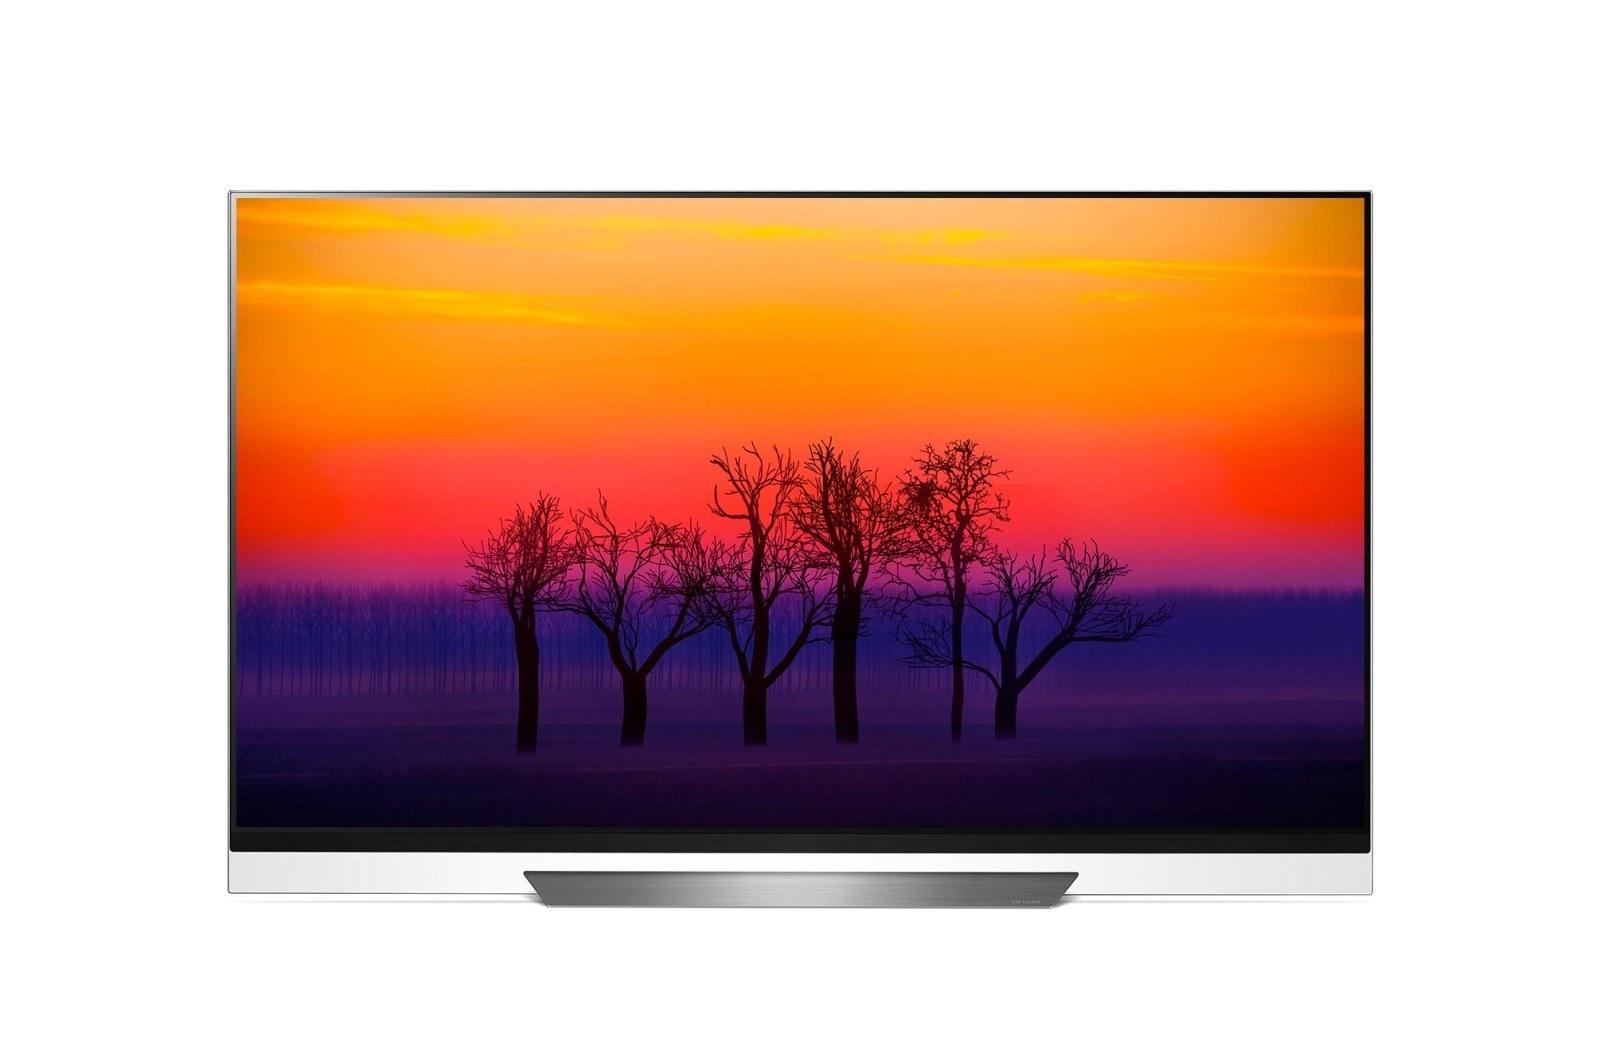 تصویر تلویزیون 65 اینچ الجی مدل اولد 65E8GI LG OLED65E8GI TV